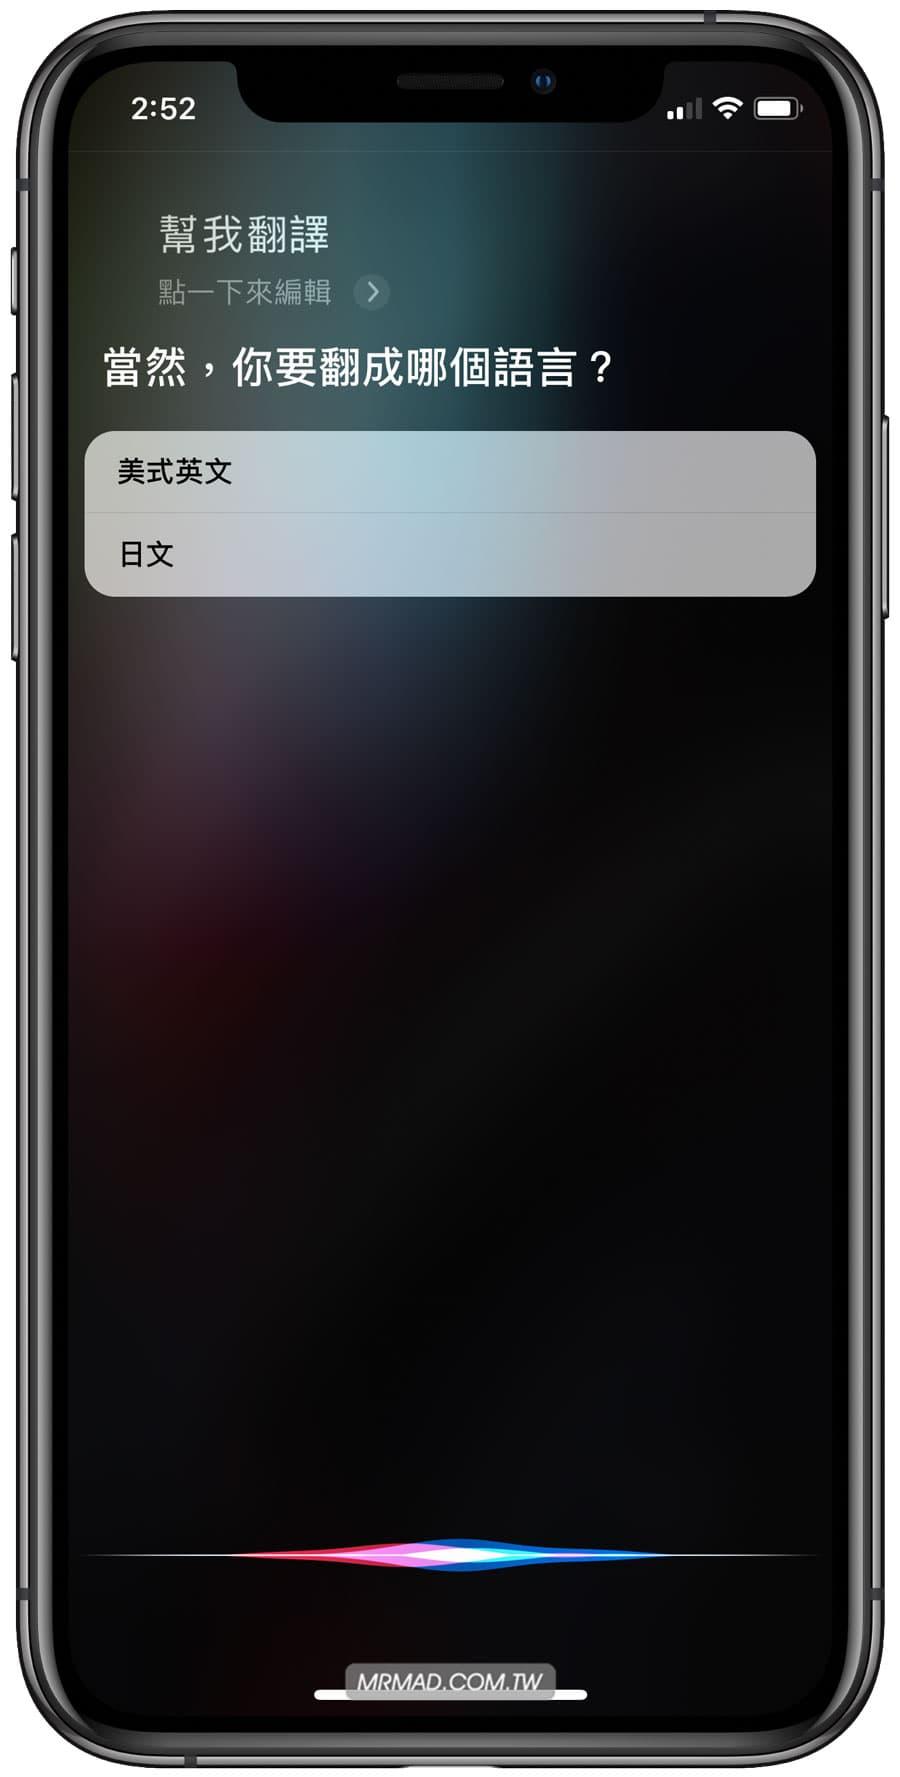 Siri翻譯使用技巧